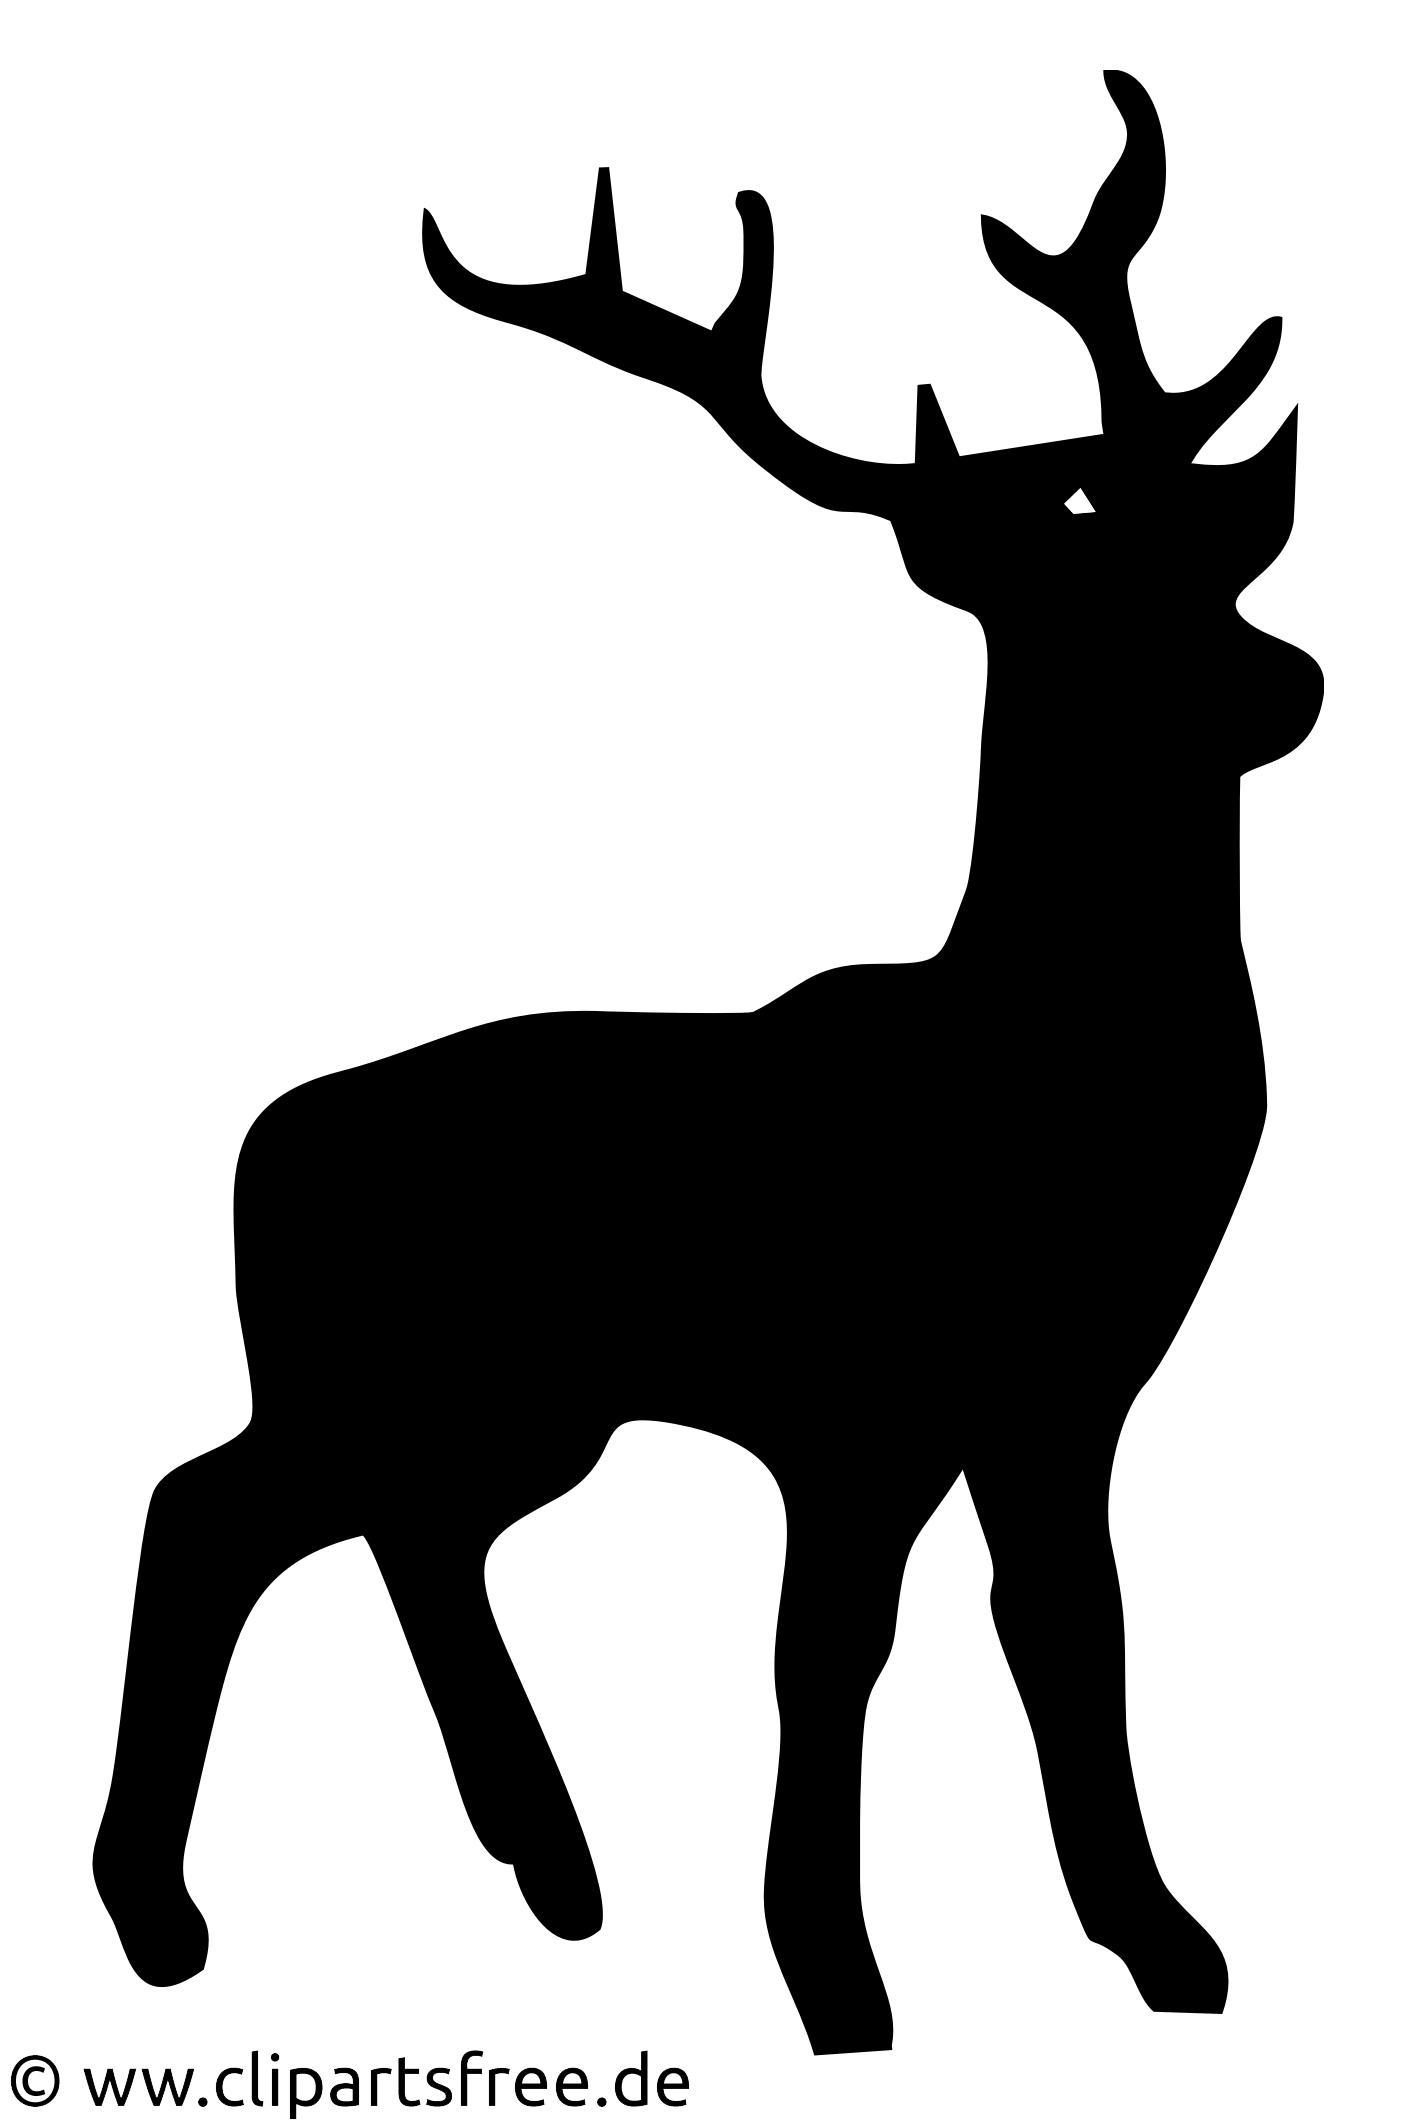 cerf dessin  silhouette cliparts à télécharger